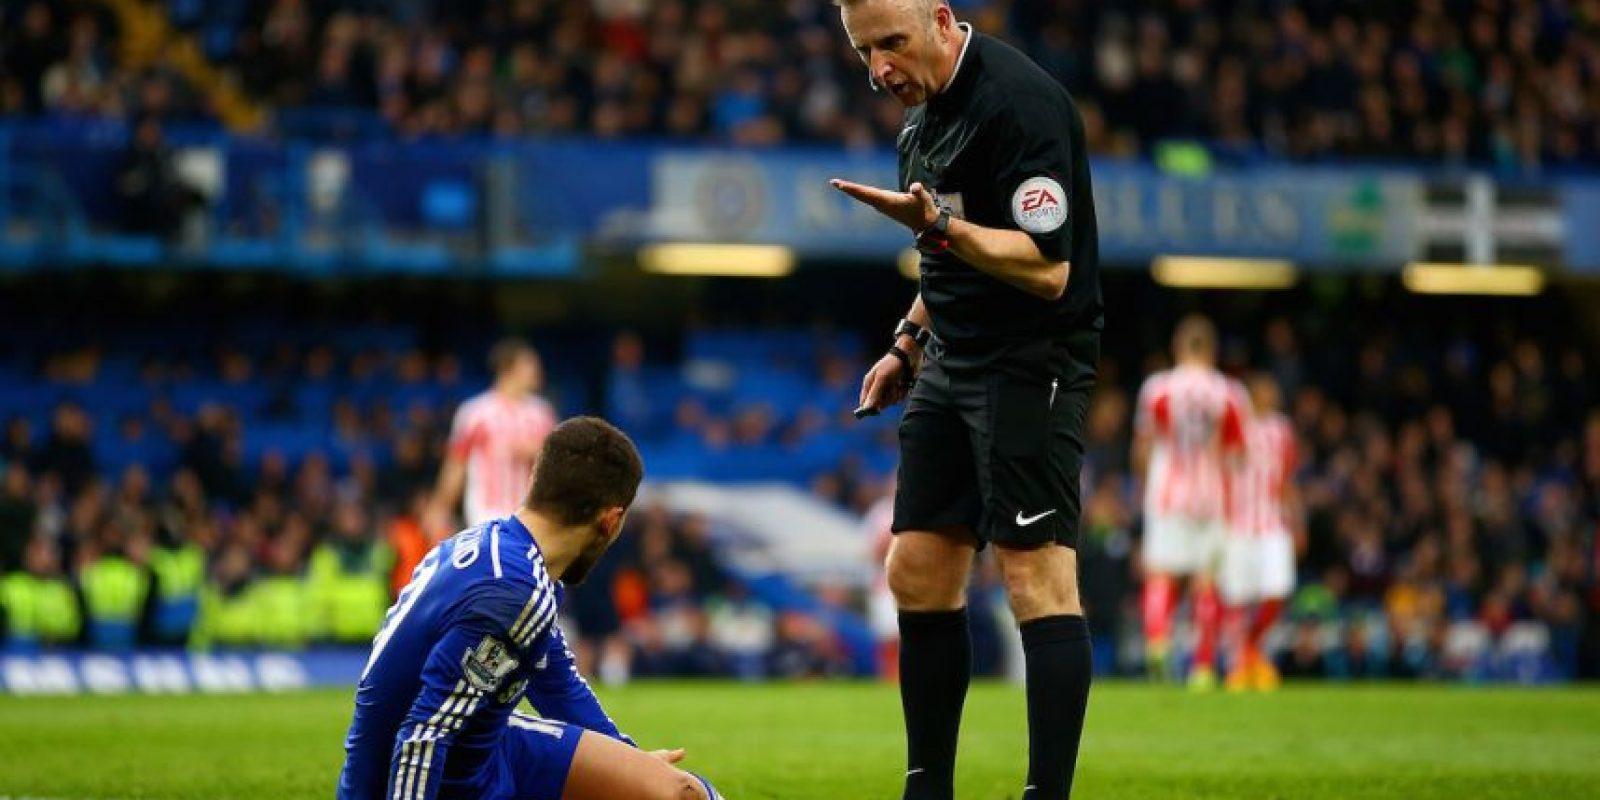 Al igual que su mediático entrenador, los jugadores del Chelsea suelen reclamar airadamente las decisiones arbitrales. Foto:Getty Images